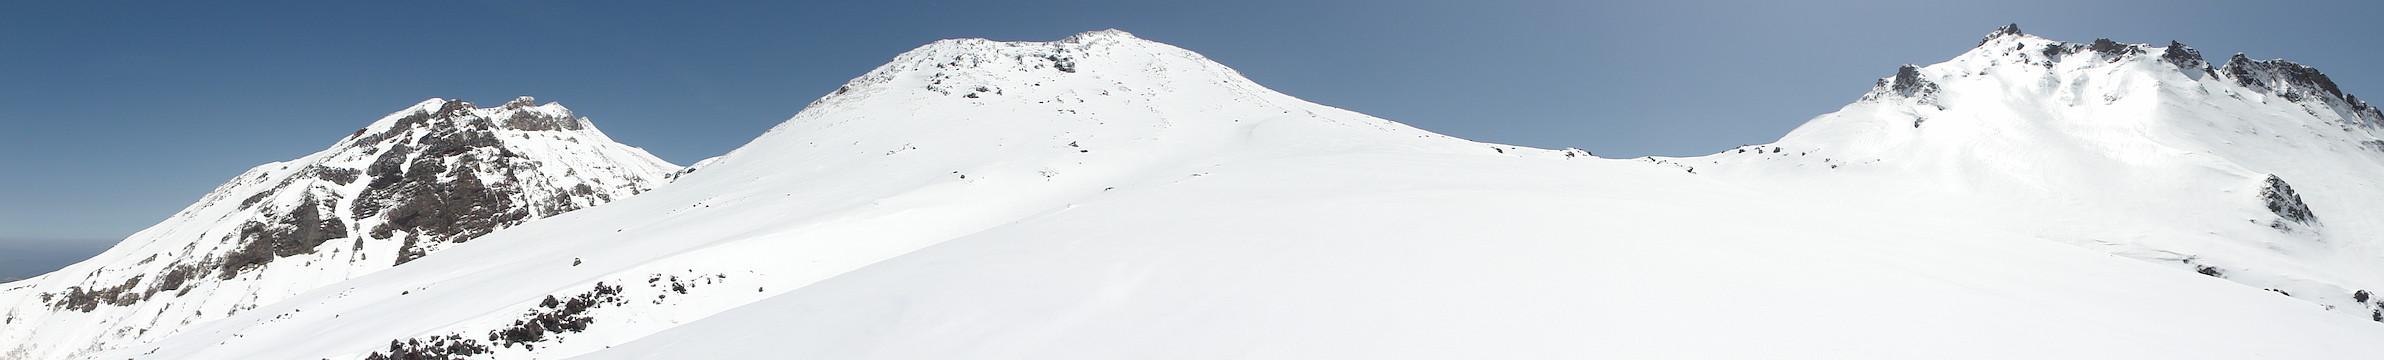 摩利支天山、火口縁のピーク、継母岳のパノラマ